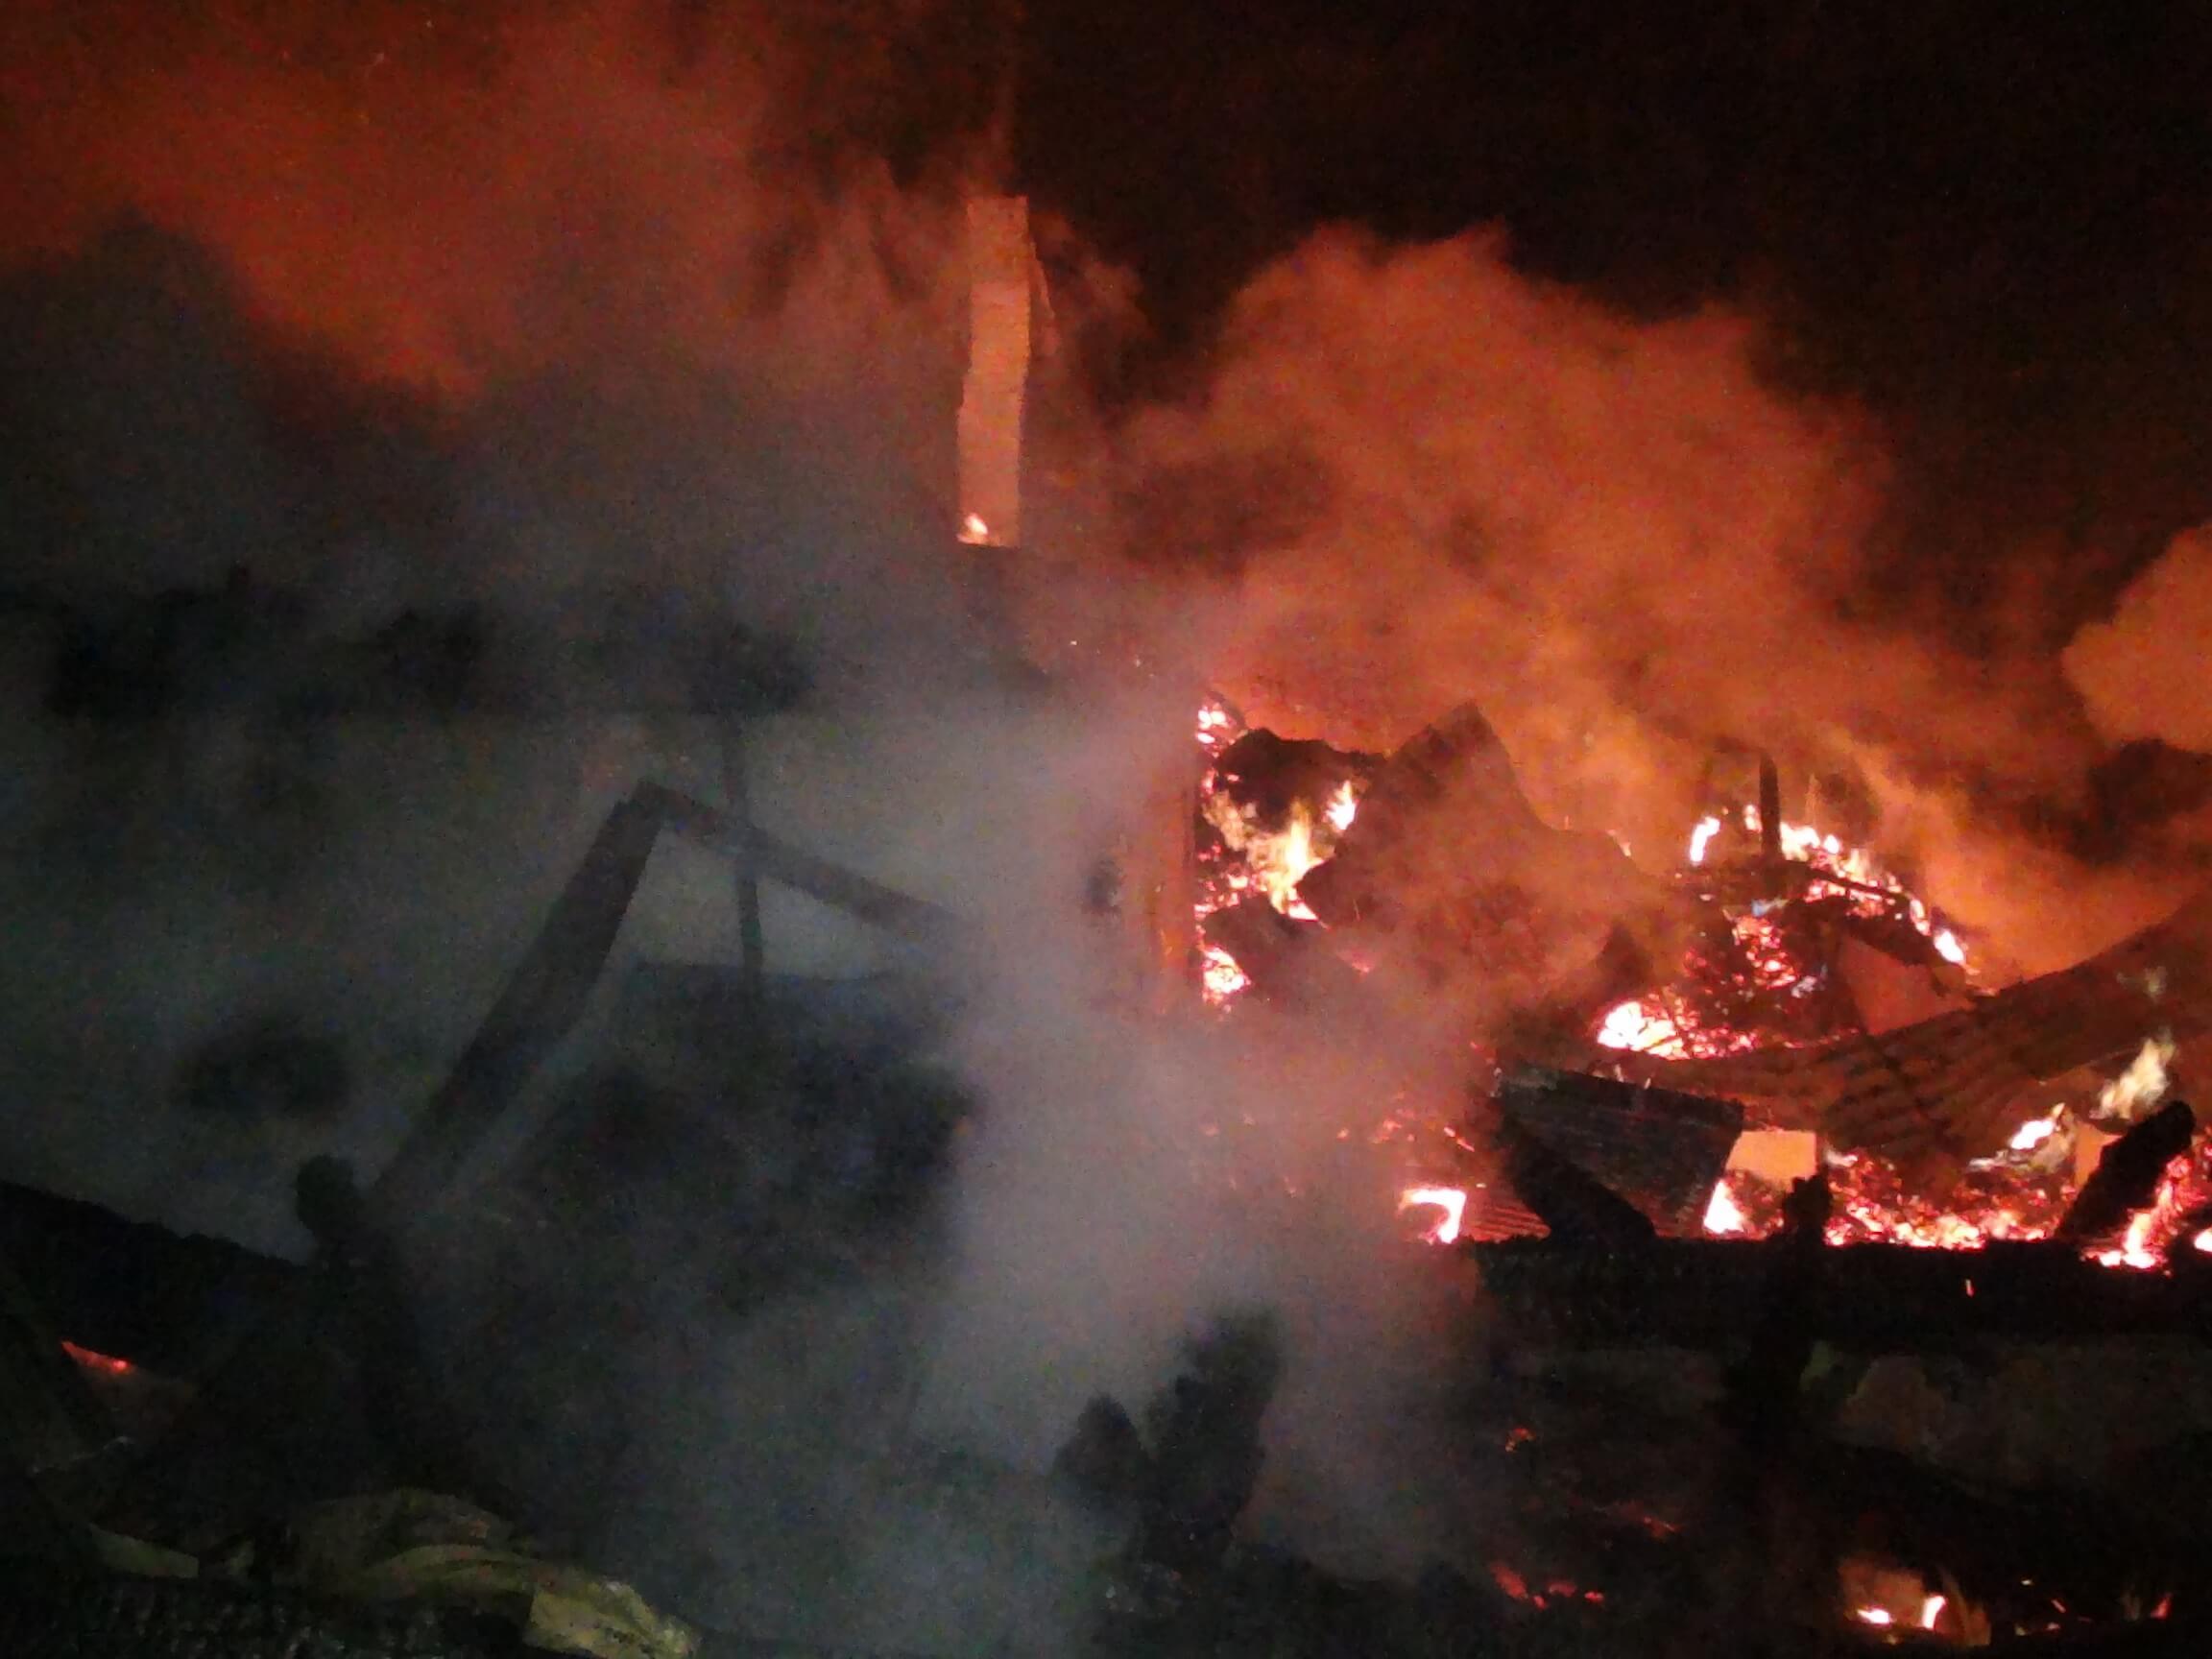 Тіло на згарищі після пожежі готелю у Яблуниці – працівника закладу (ФОТО)